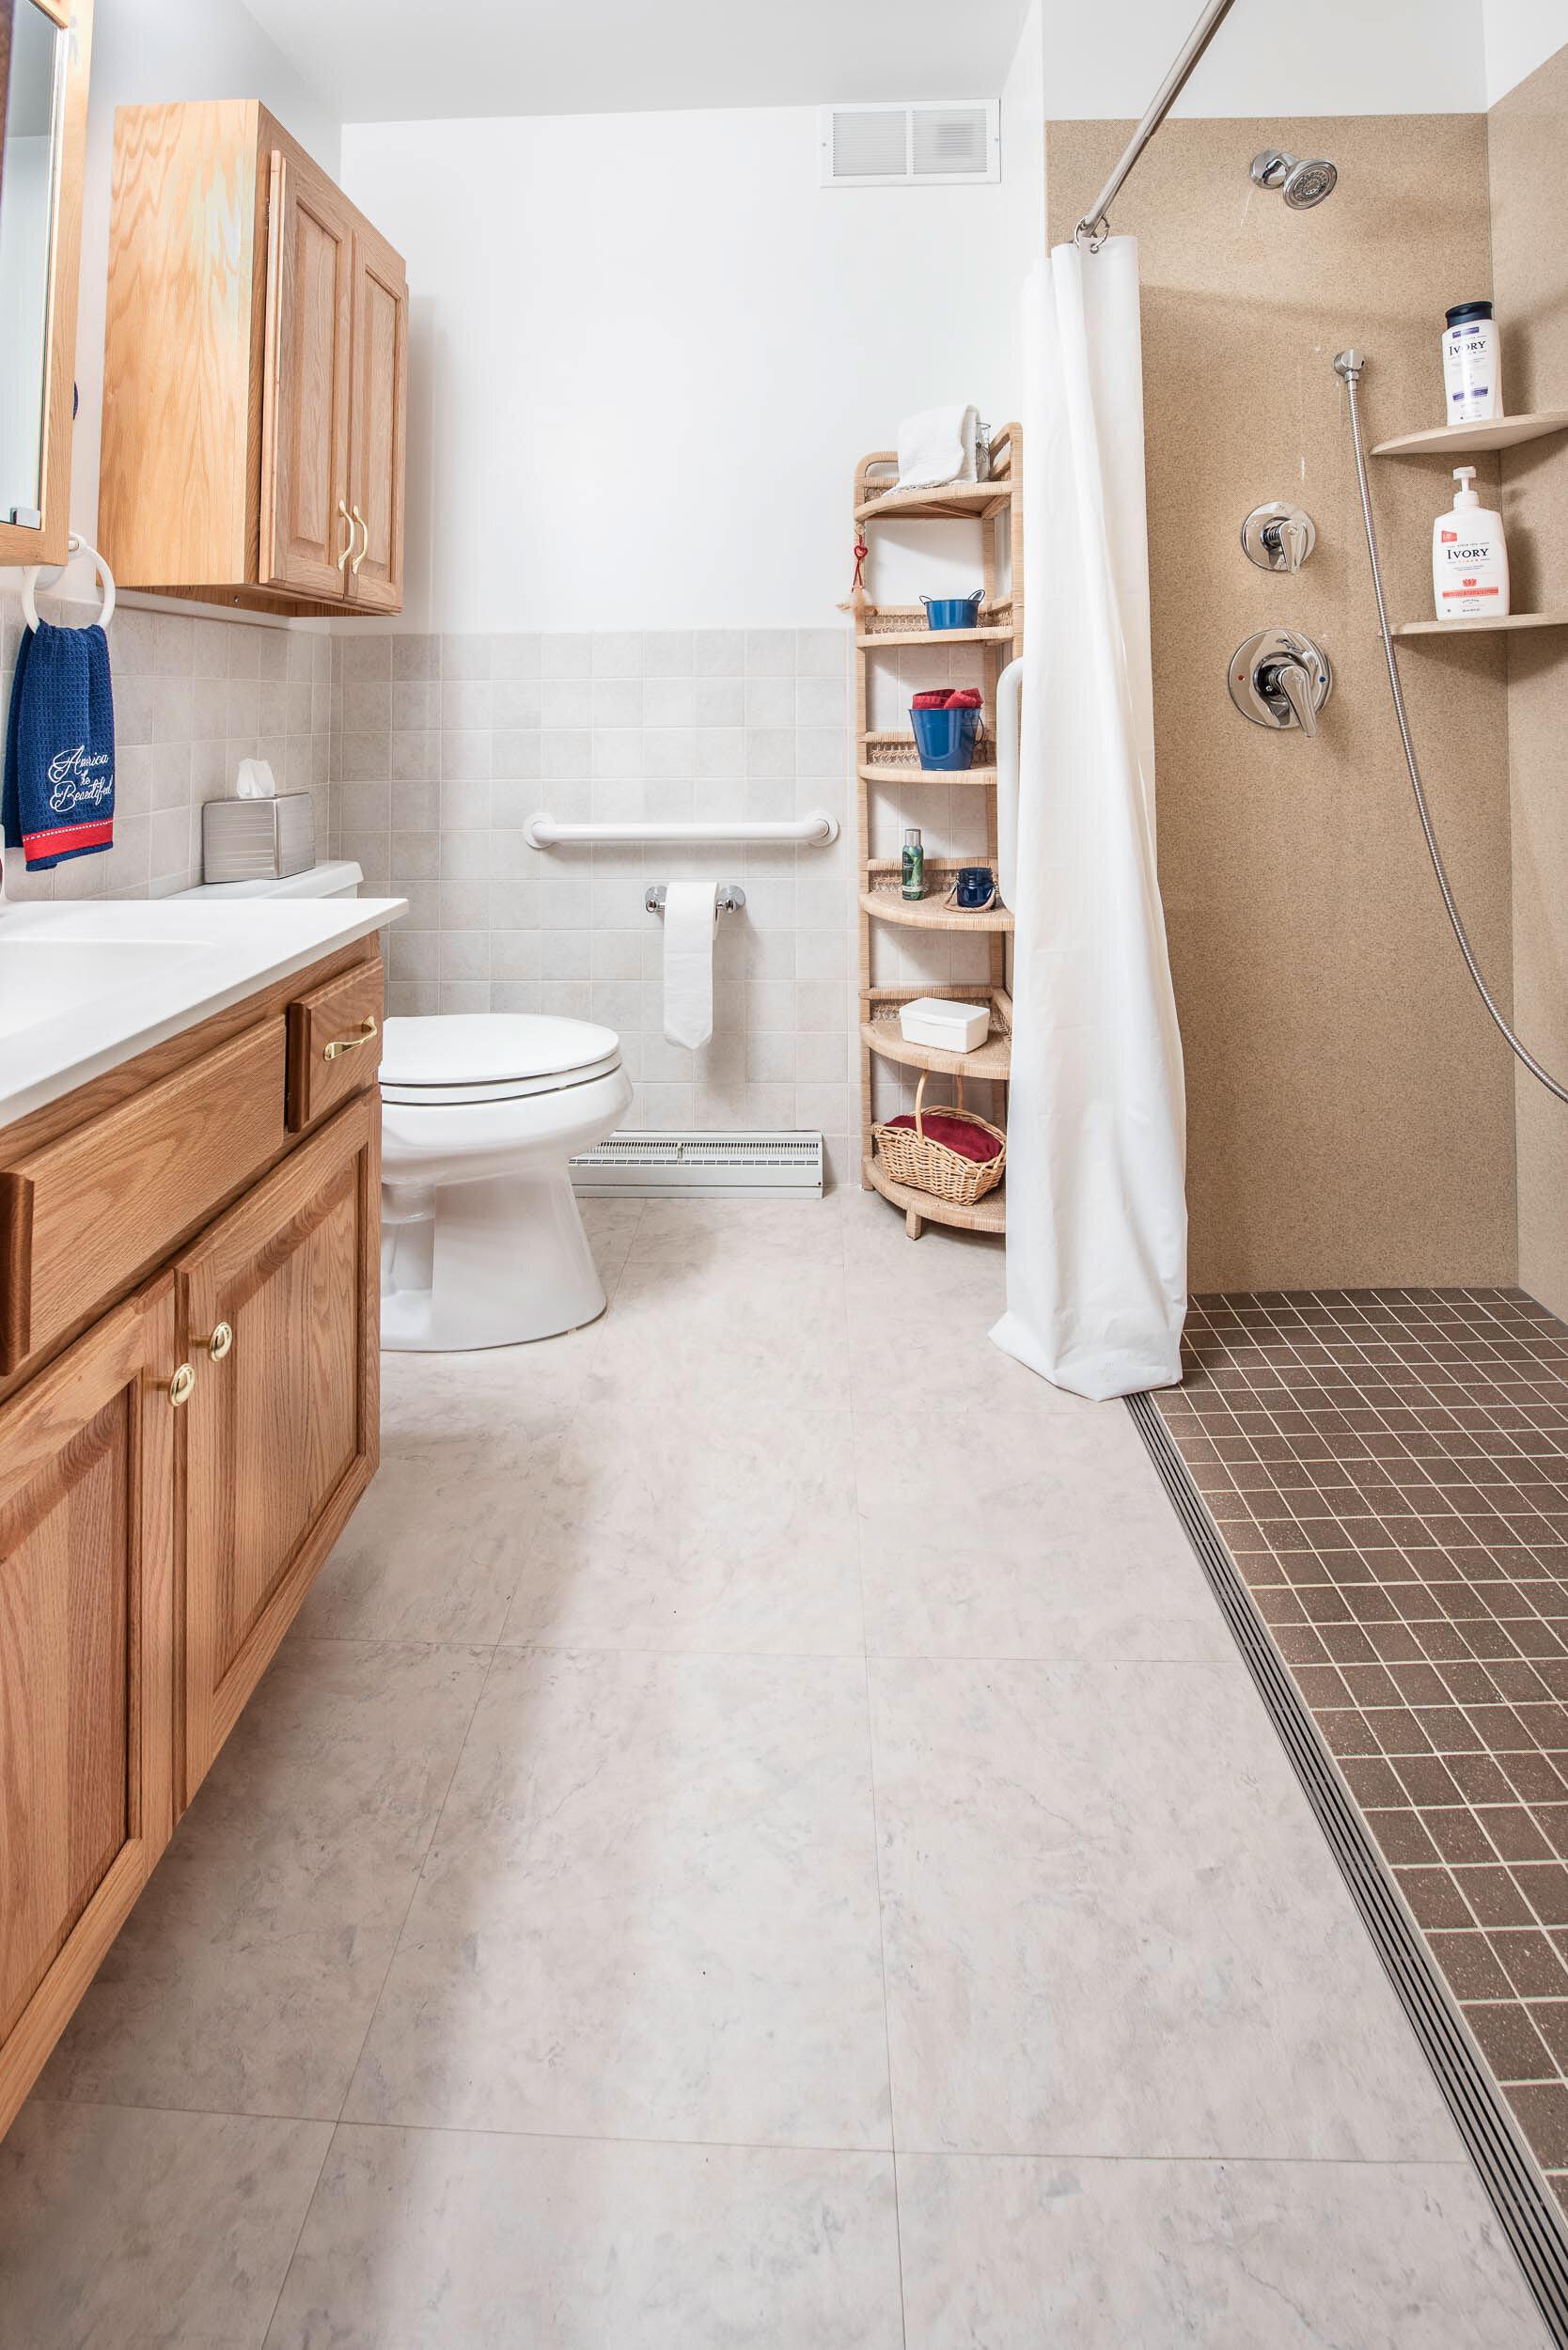 Kerdi Floor And Wall Waterproofing Underlayment Were Installed.